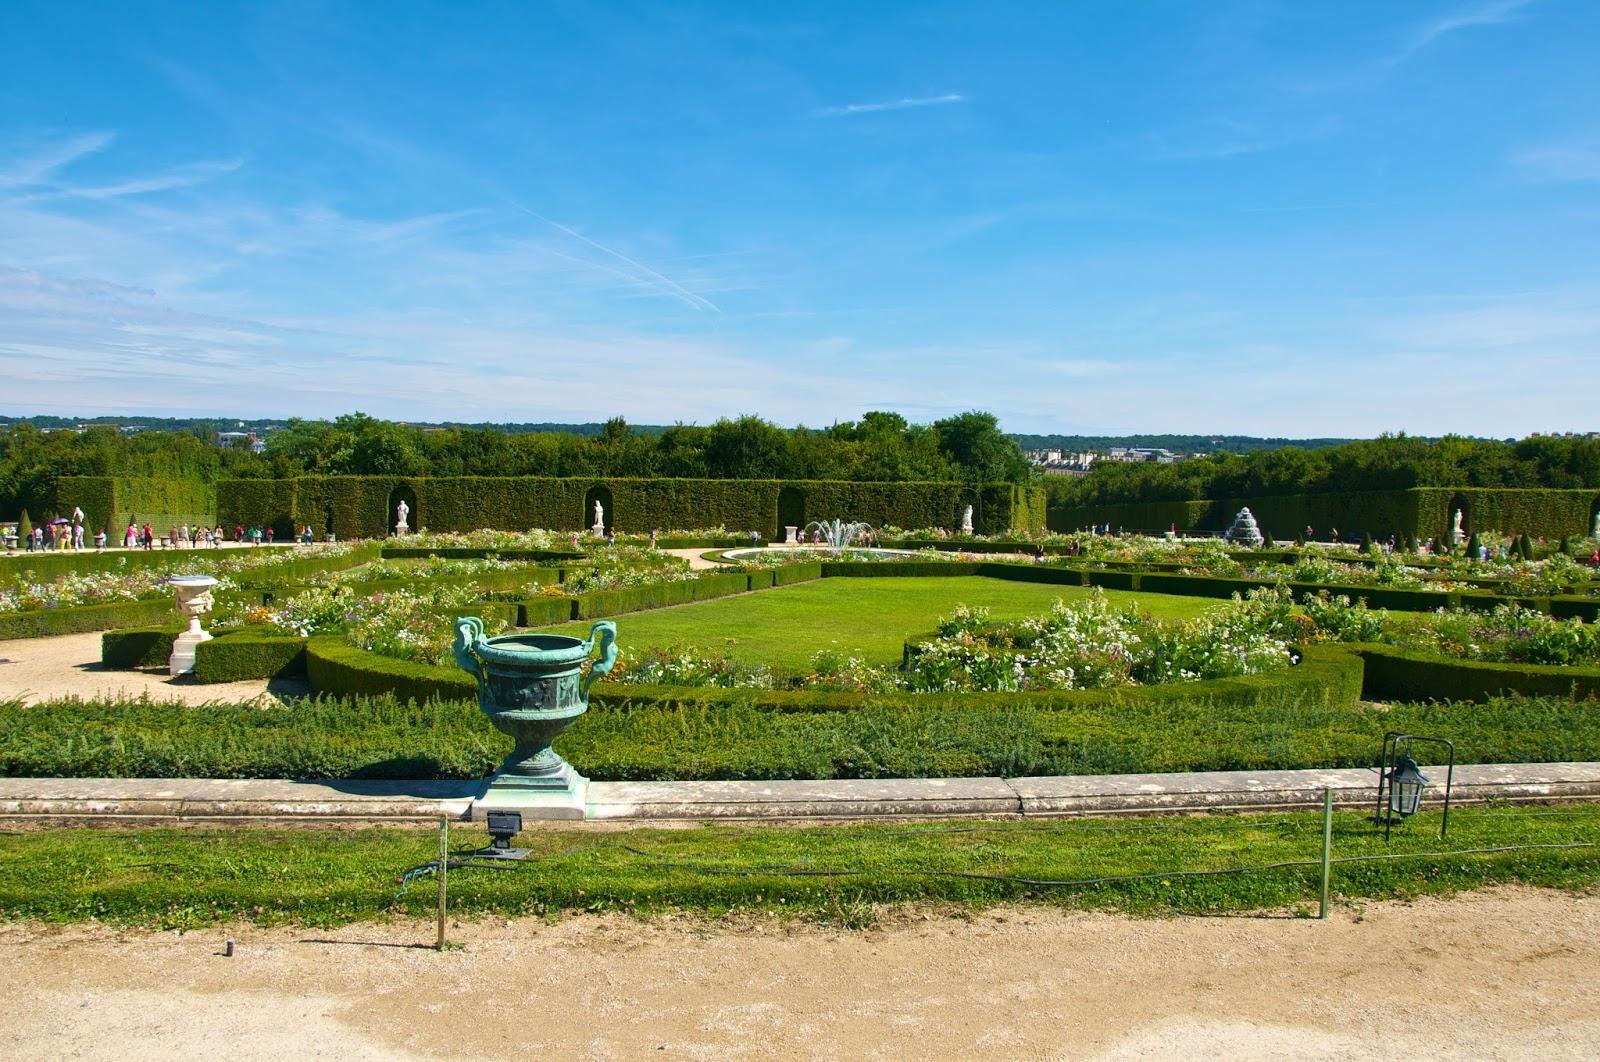 Images des jardins du chateau de versailles - Jardin du chateau de versaille ...